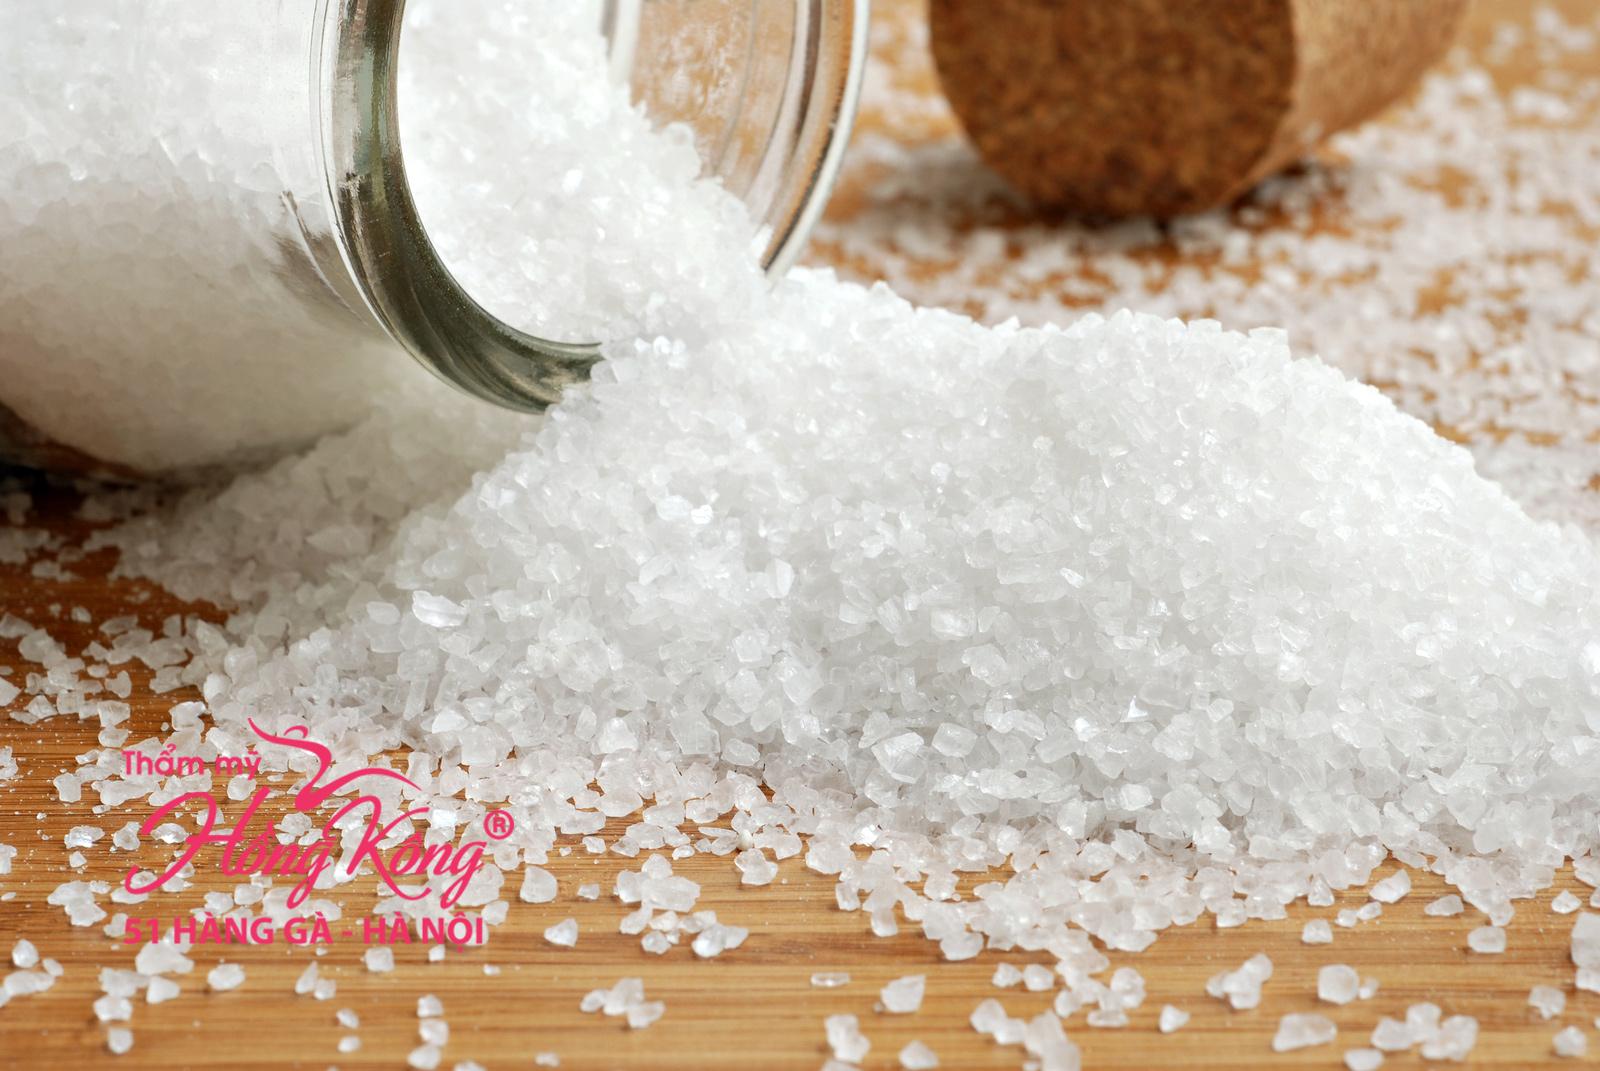 Ăn nhiều muối khiến cơ thể dễ lão hóa, khiến da mặt nhăn nheo